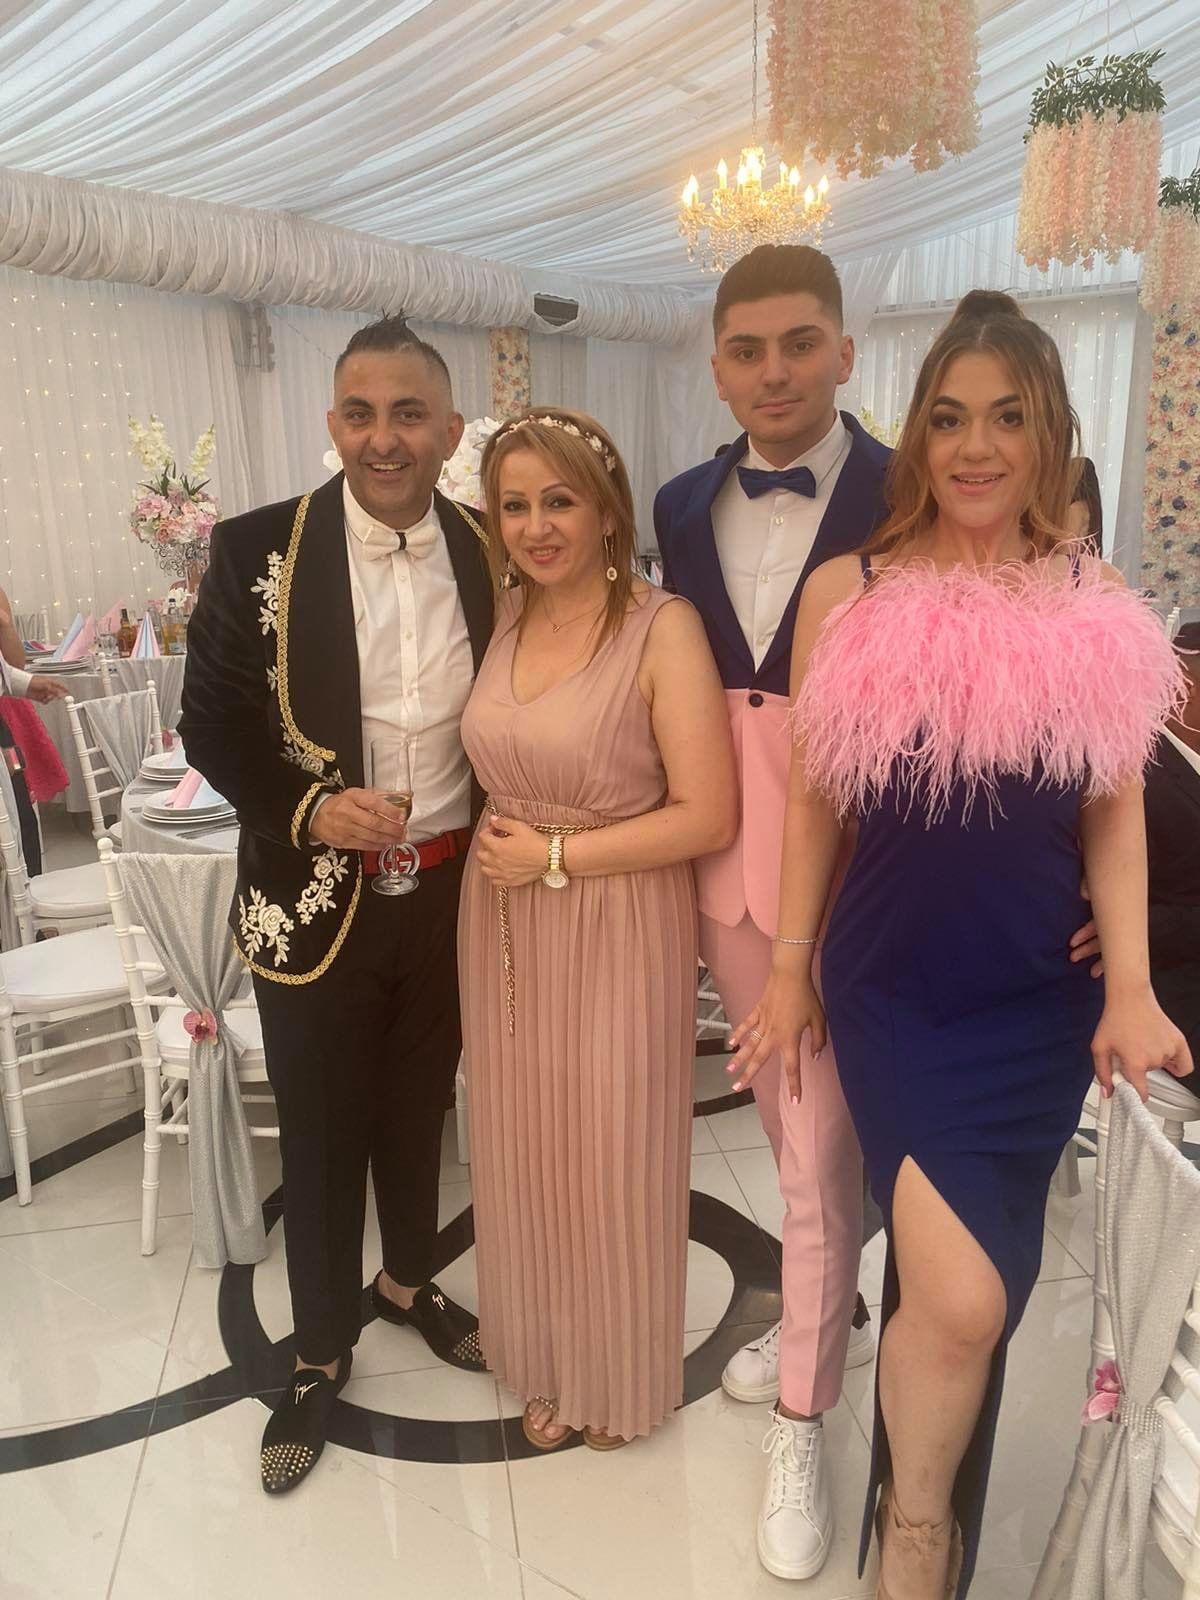 Gáspár Győzőék esküvőn jártak, nagyot mulattak – fotó